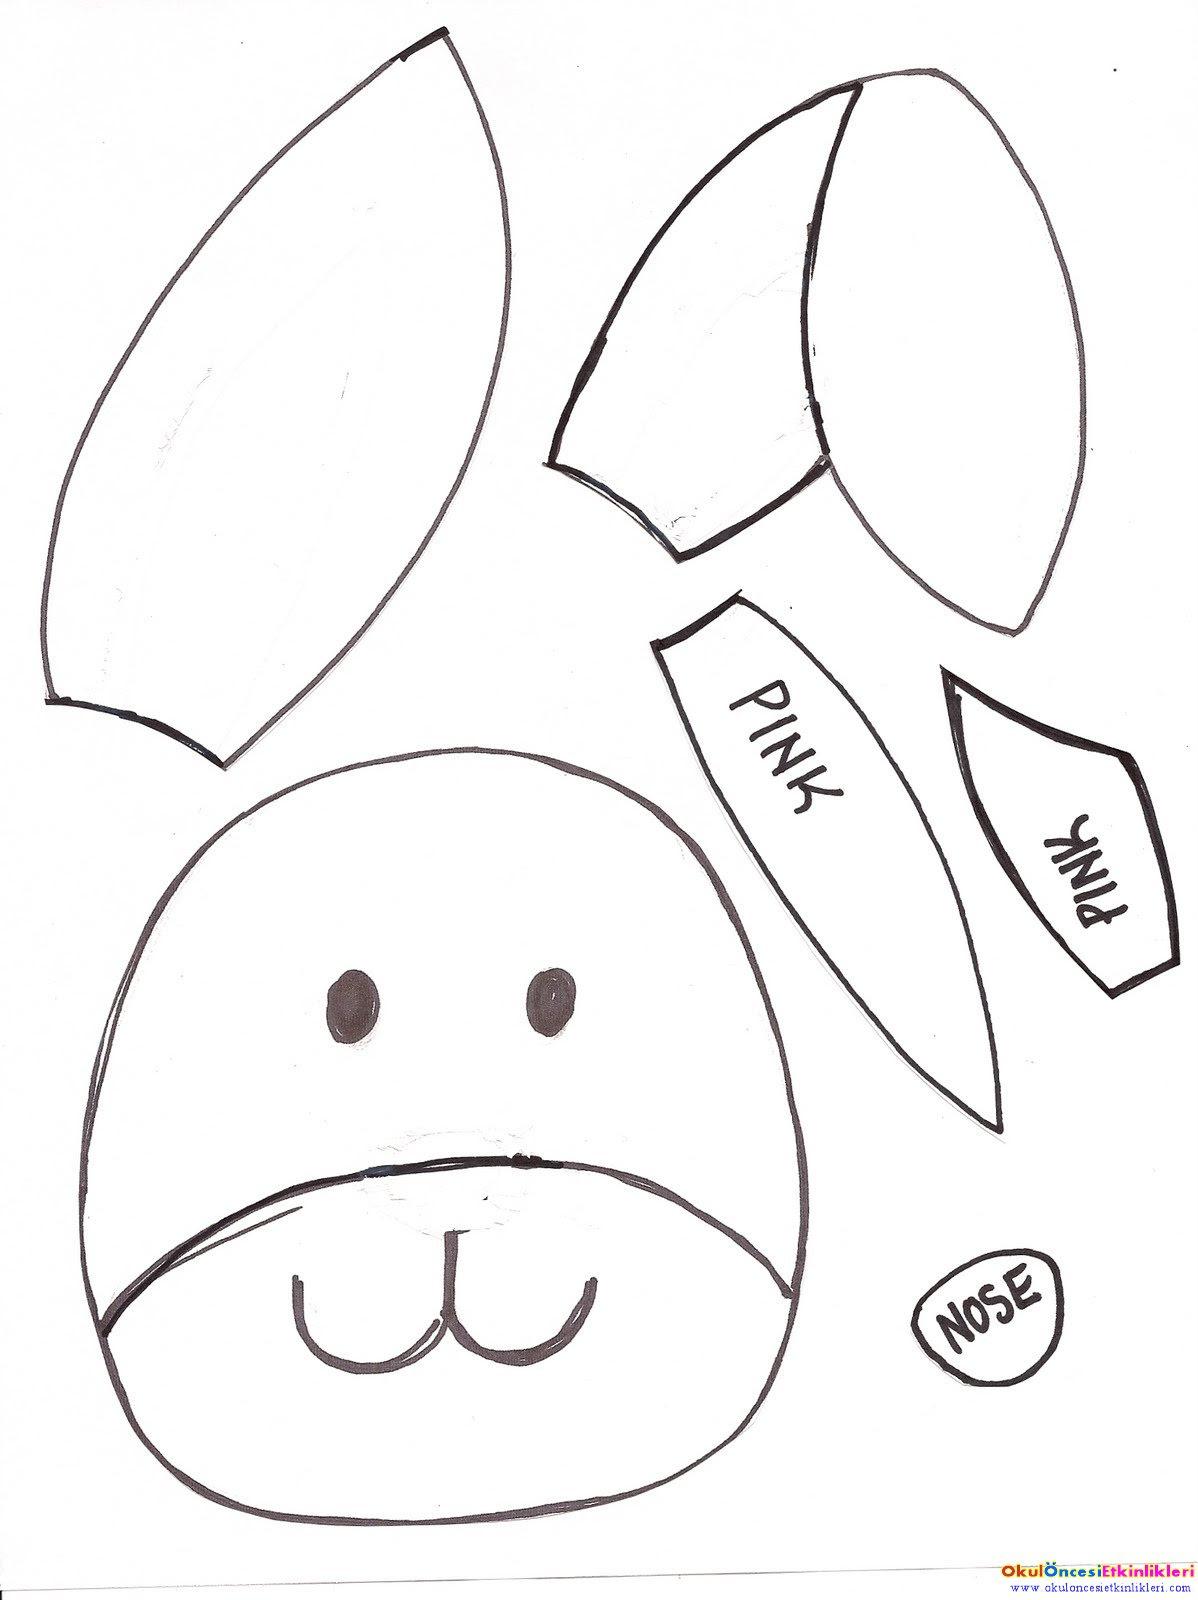 Tavşan Kalıp örnekleri Okul öncesi Etkinlikleri Hayallerinizi